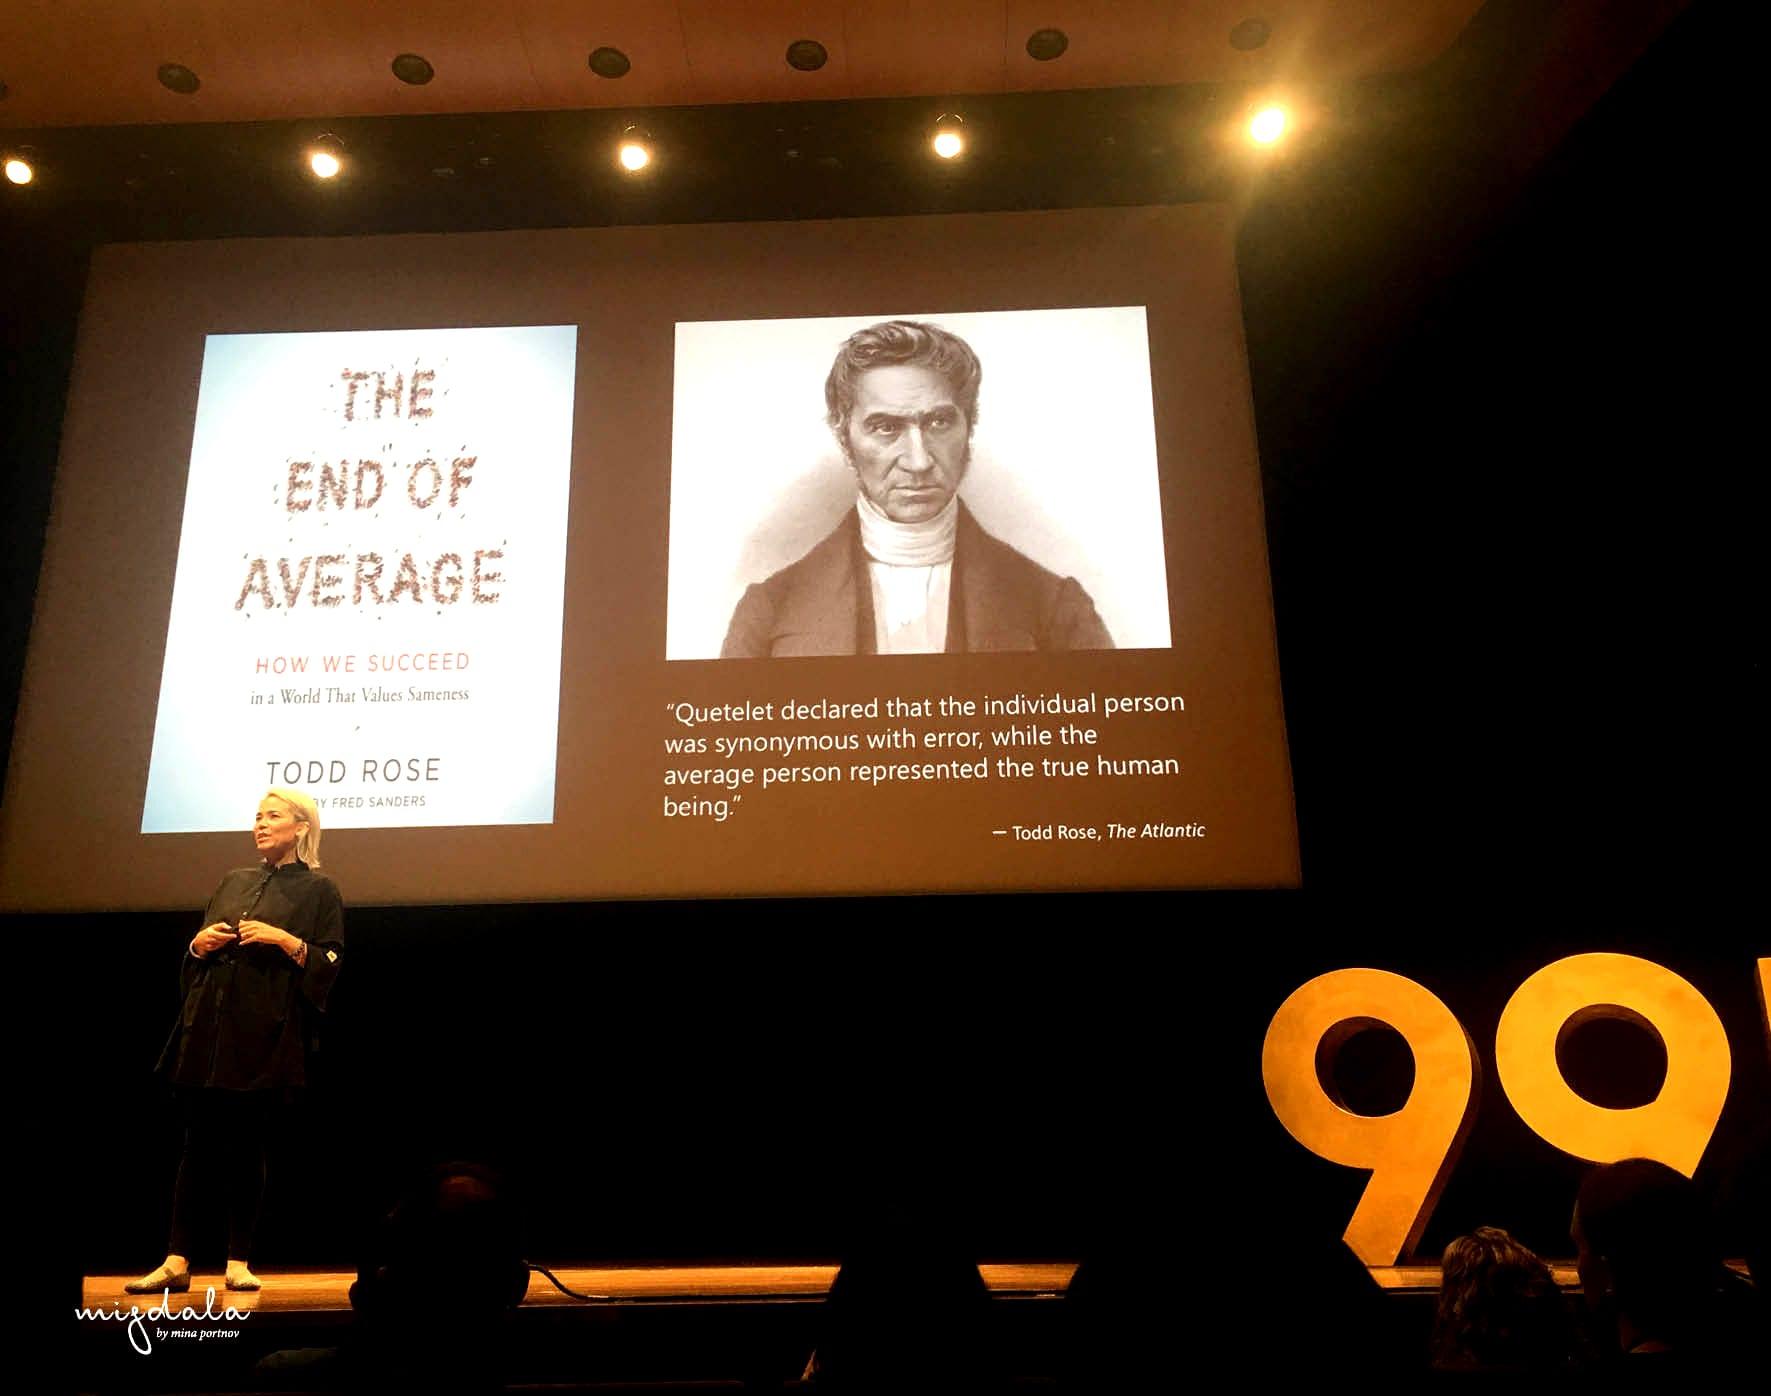 ״סוף הממוצע״ של טוד רוס, מתוך הרצאה של קאט הולמס, 99U